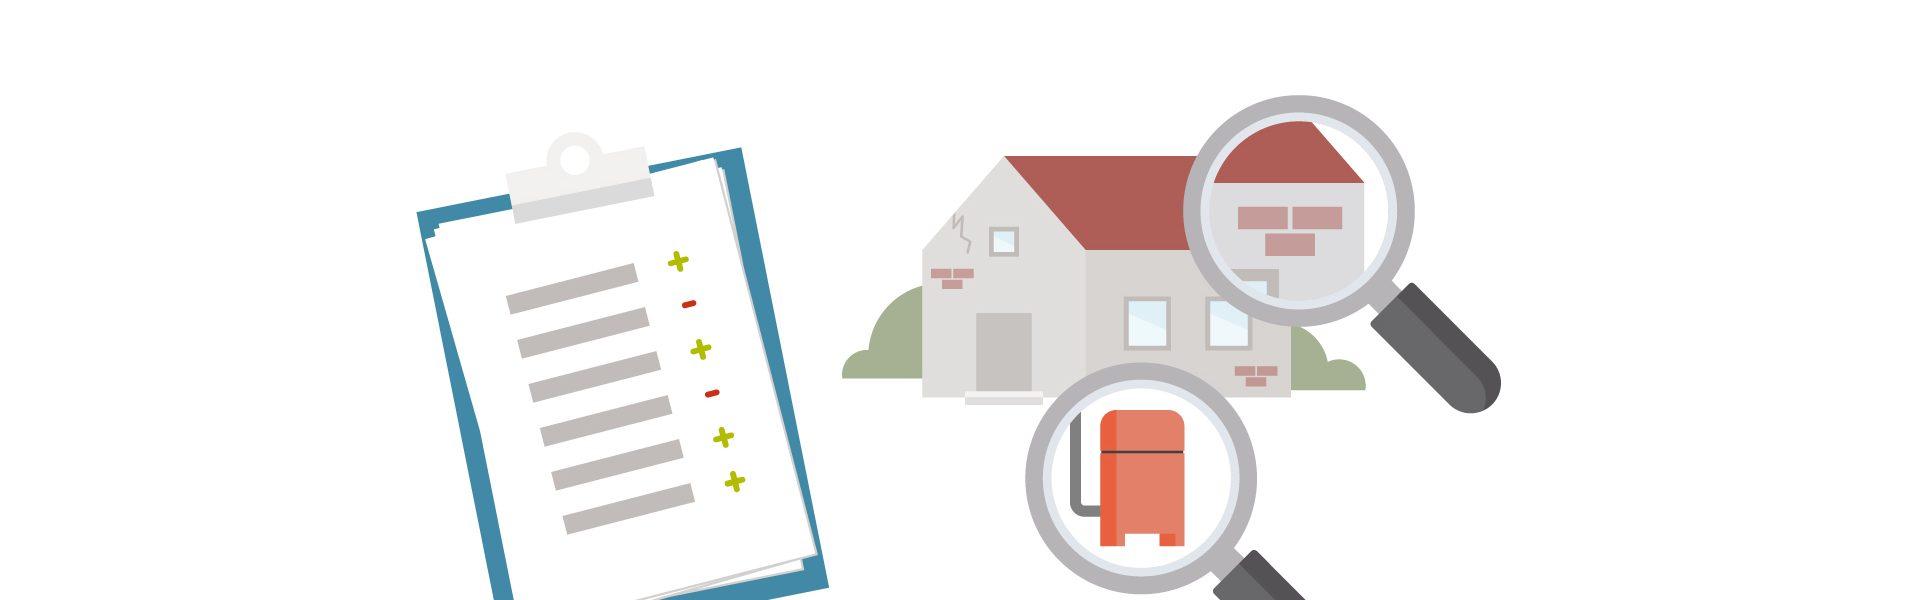 Header Bild Effizienz:Klasse bietet den Modernisierungs-Check ISFP